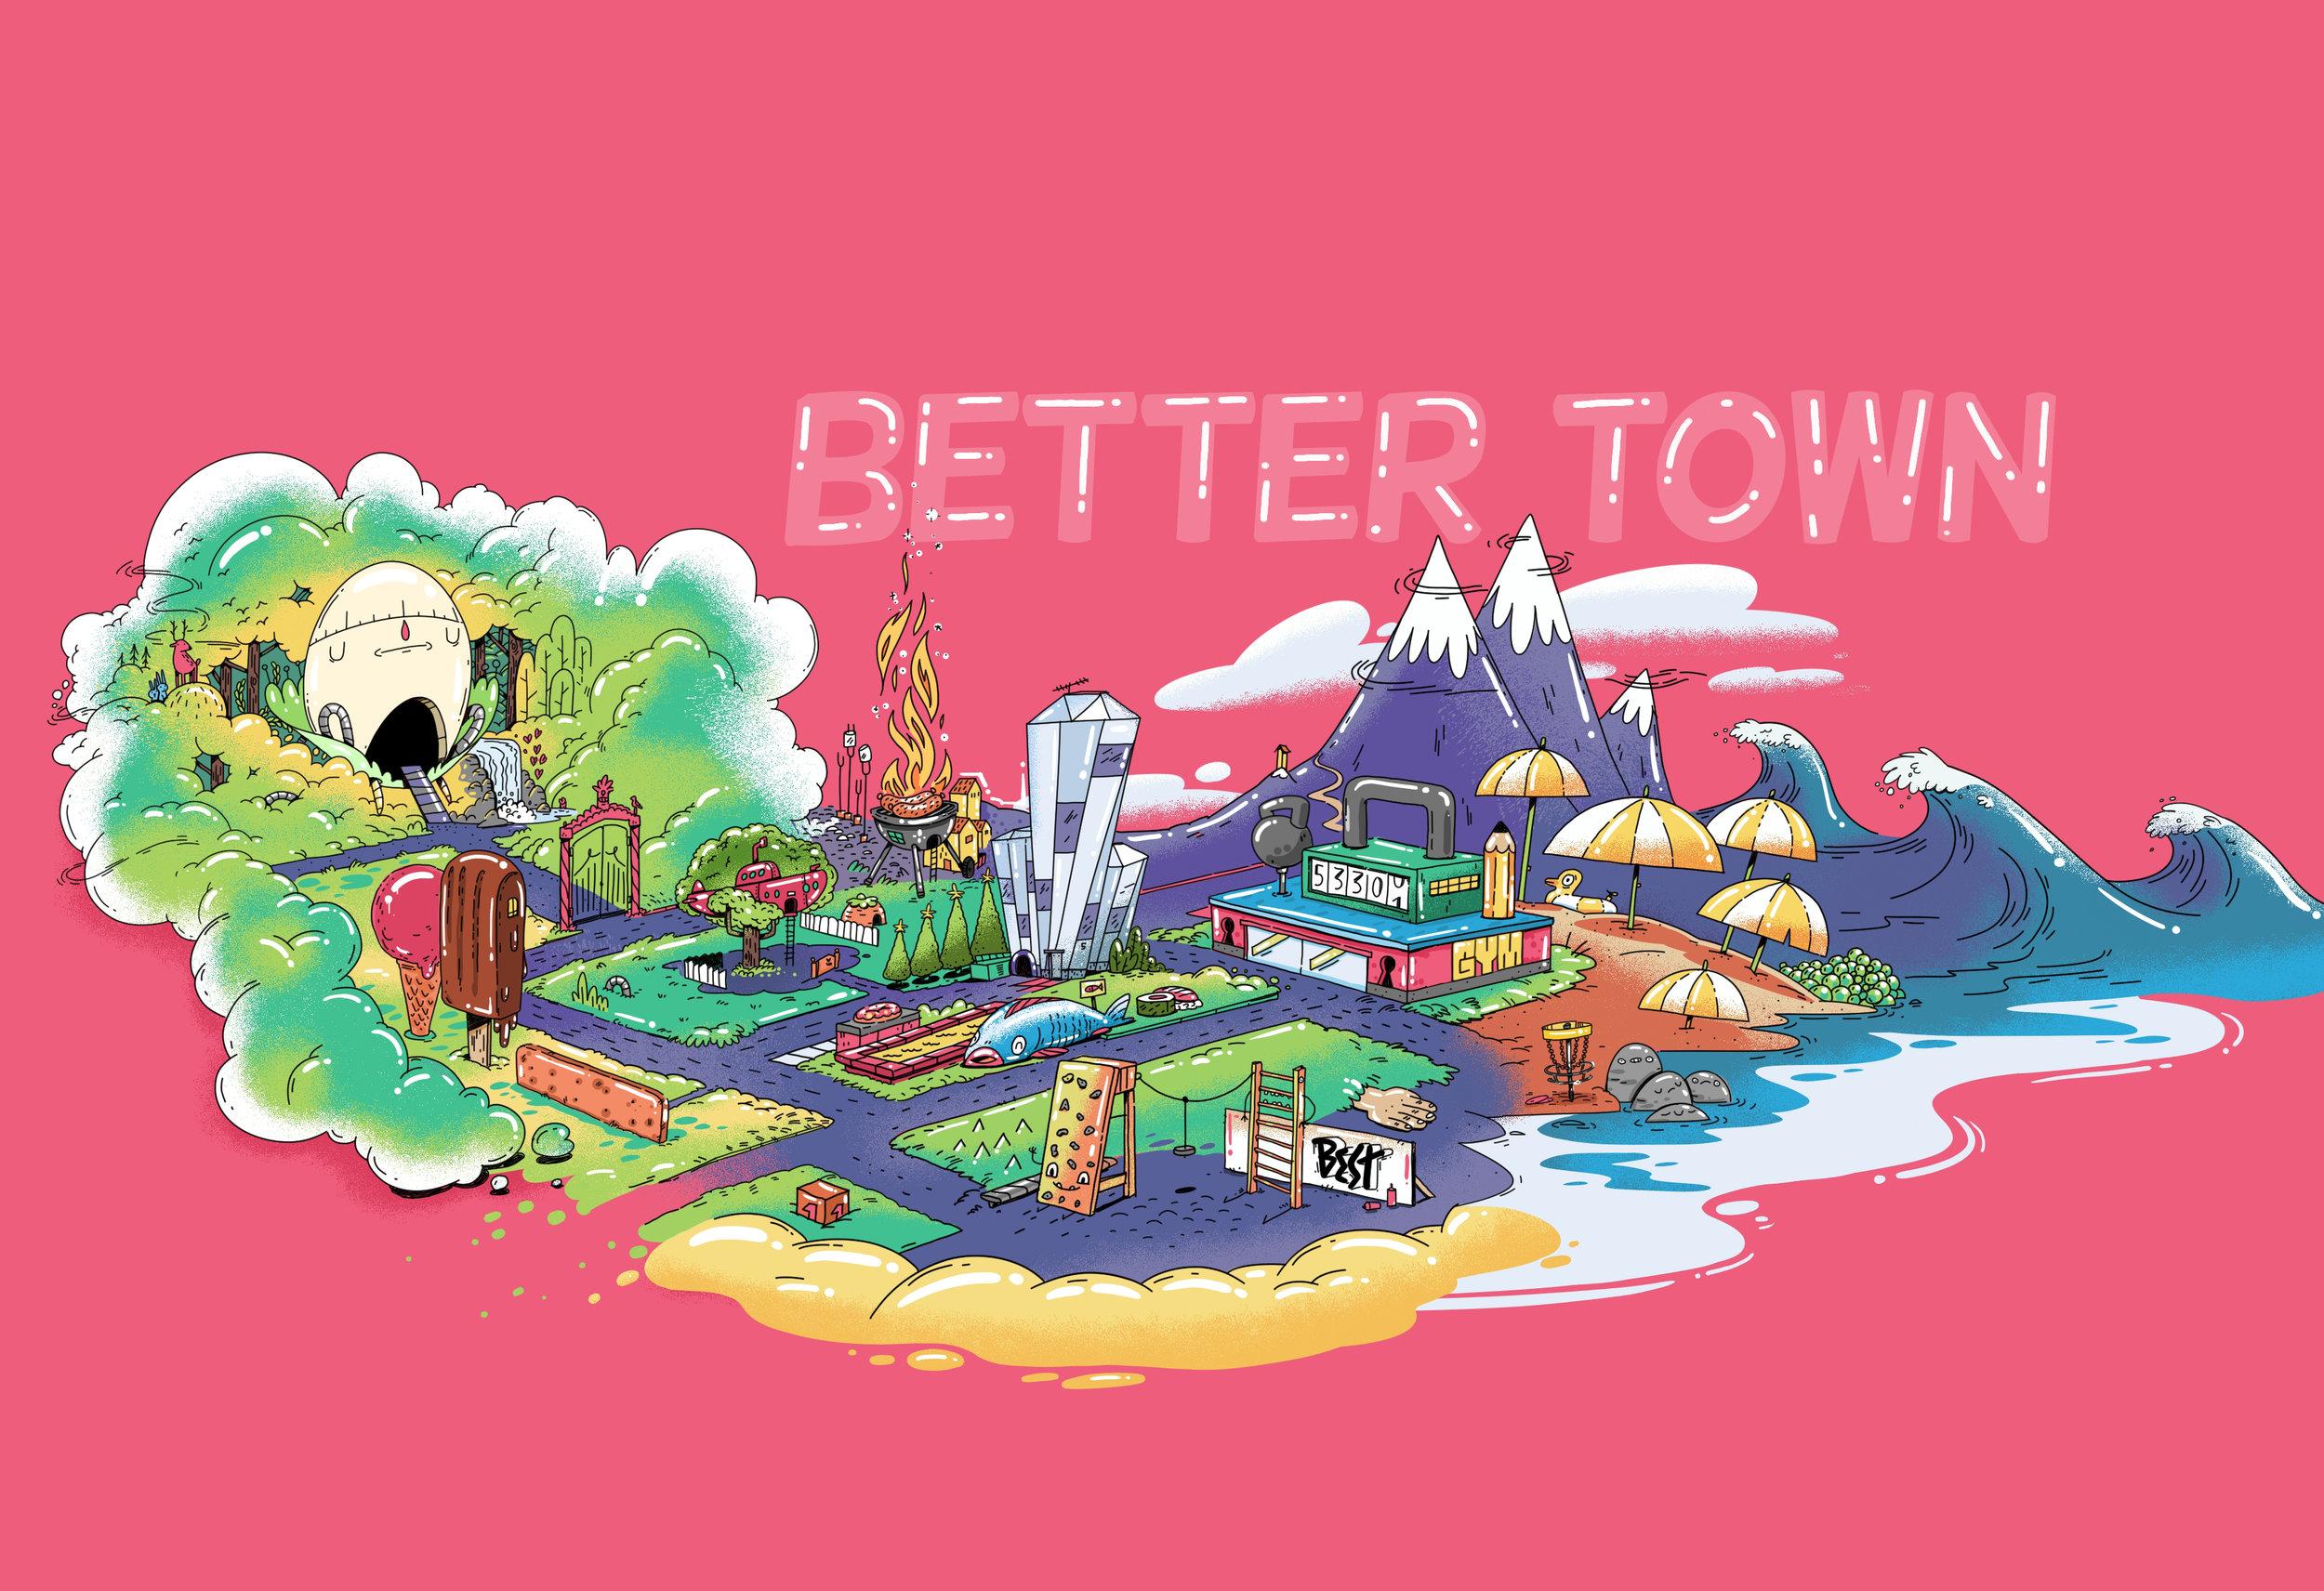 Better_town_map_v02.jpg